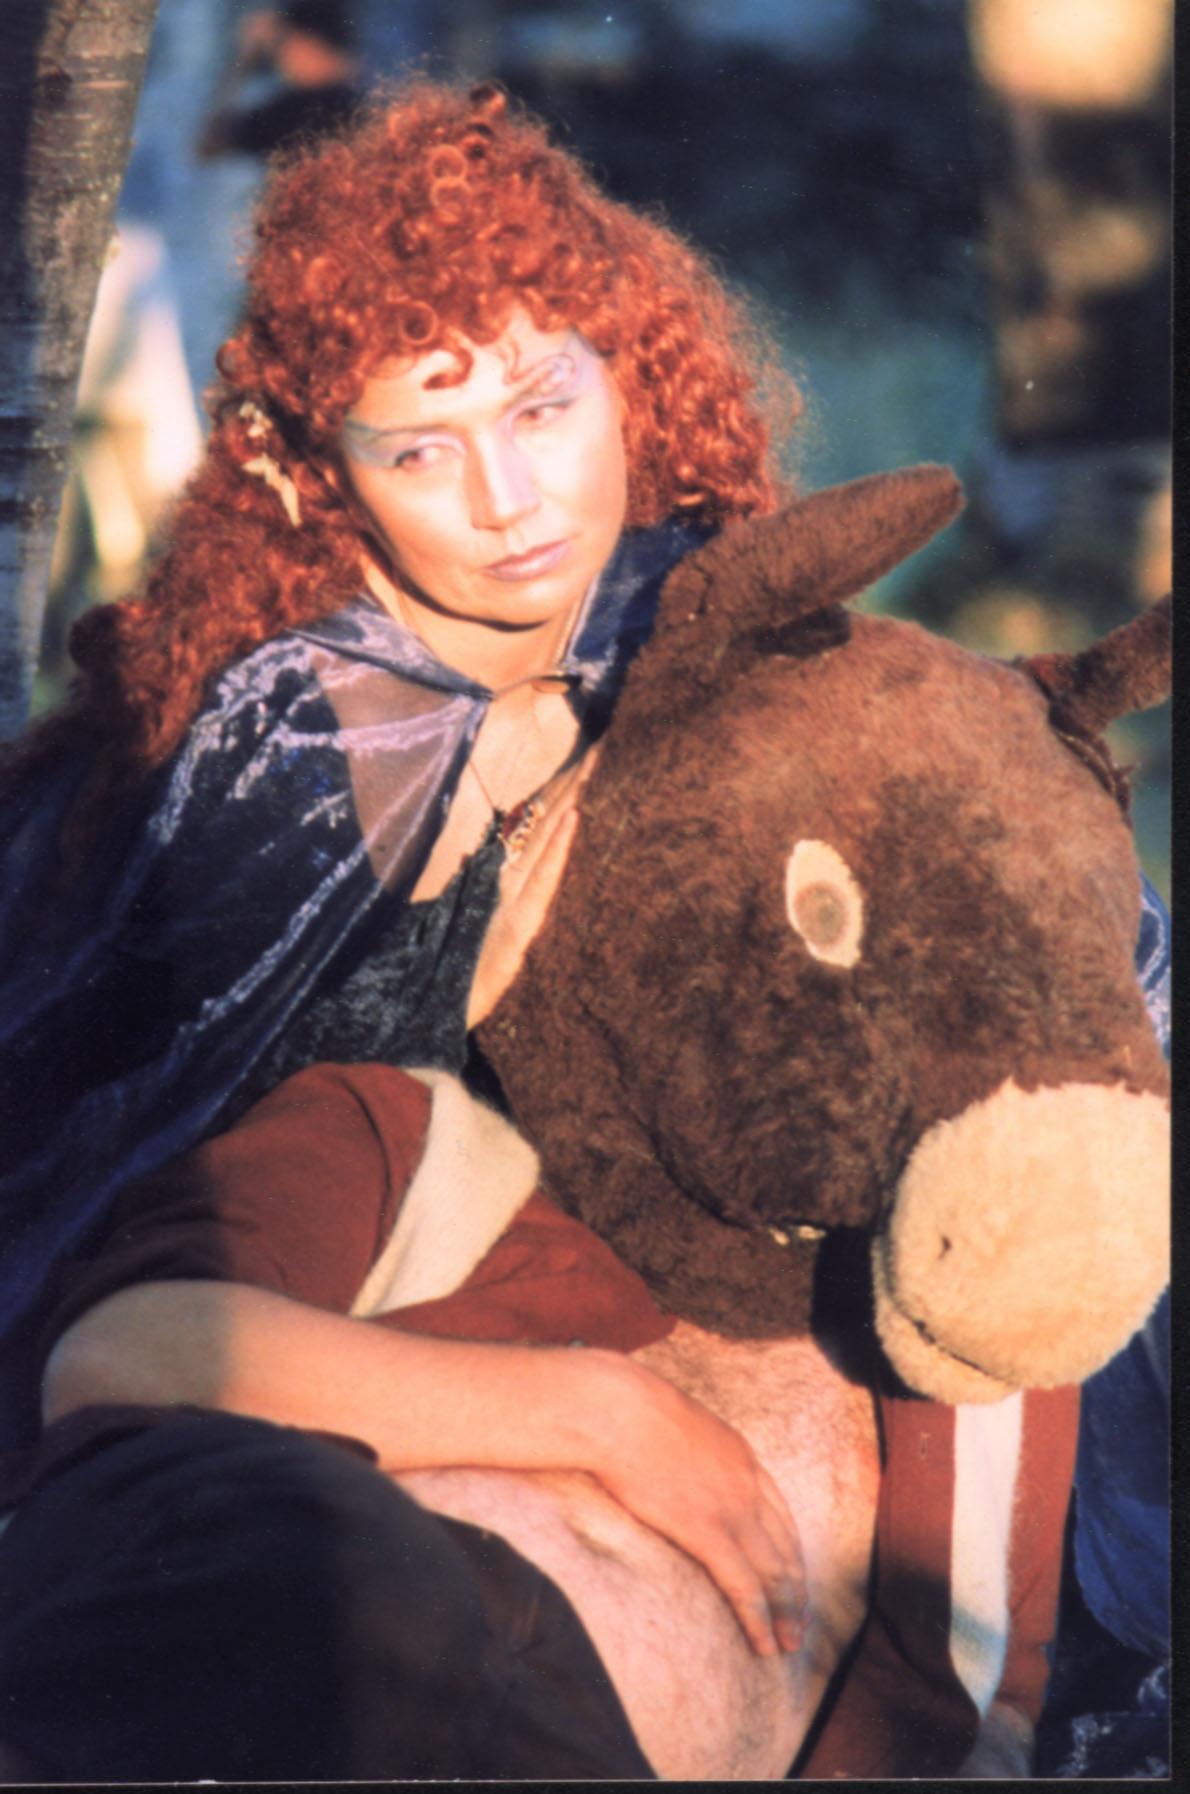 1998_Midsummer_Terri Andrews & Steve O'Connell.jpg